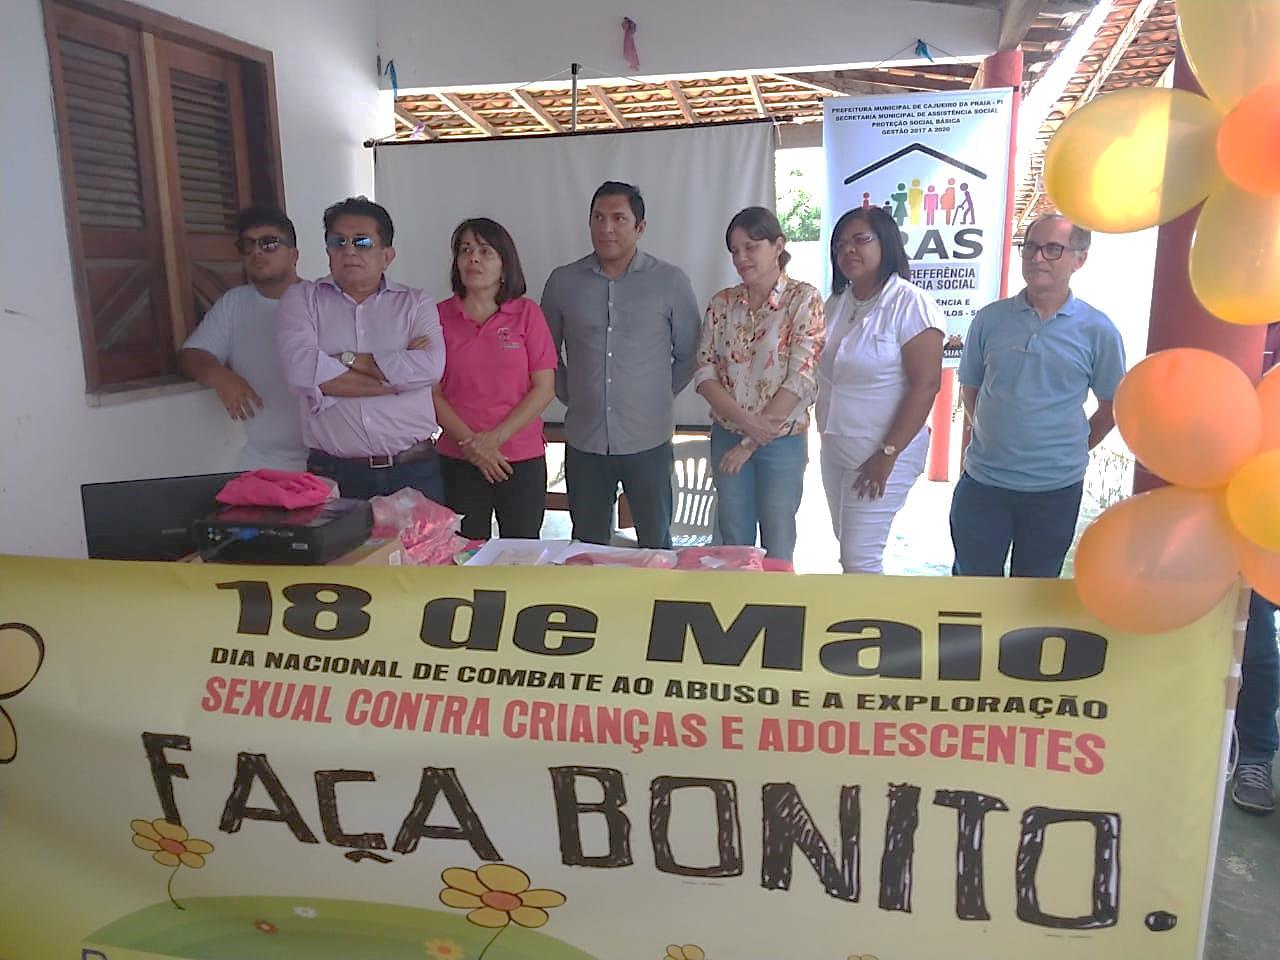 Cajueiro da Praia lança campanha para prevenção e enfrentamento a violência sexual contra crianças e adolescentes alusiva ao dia 18 de maio